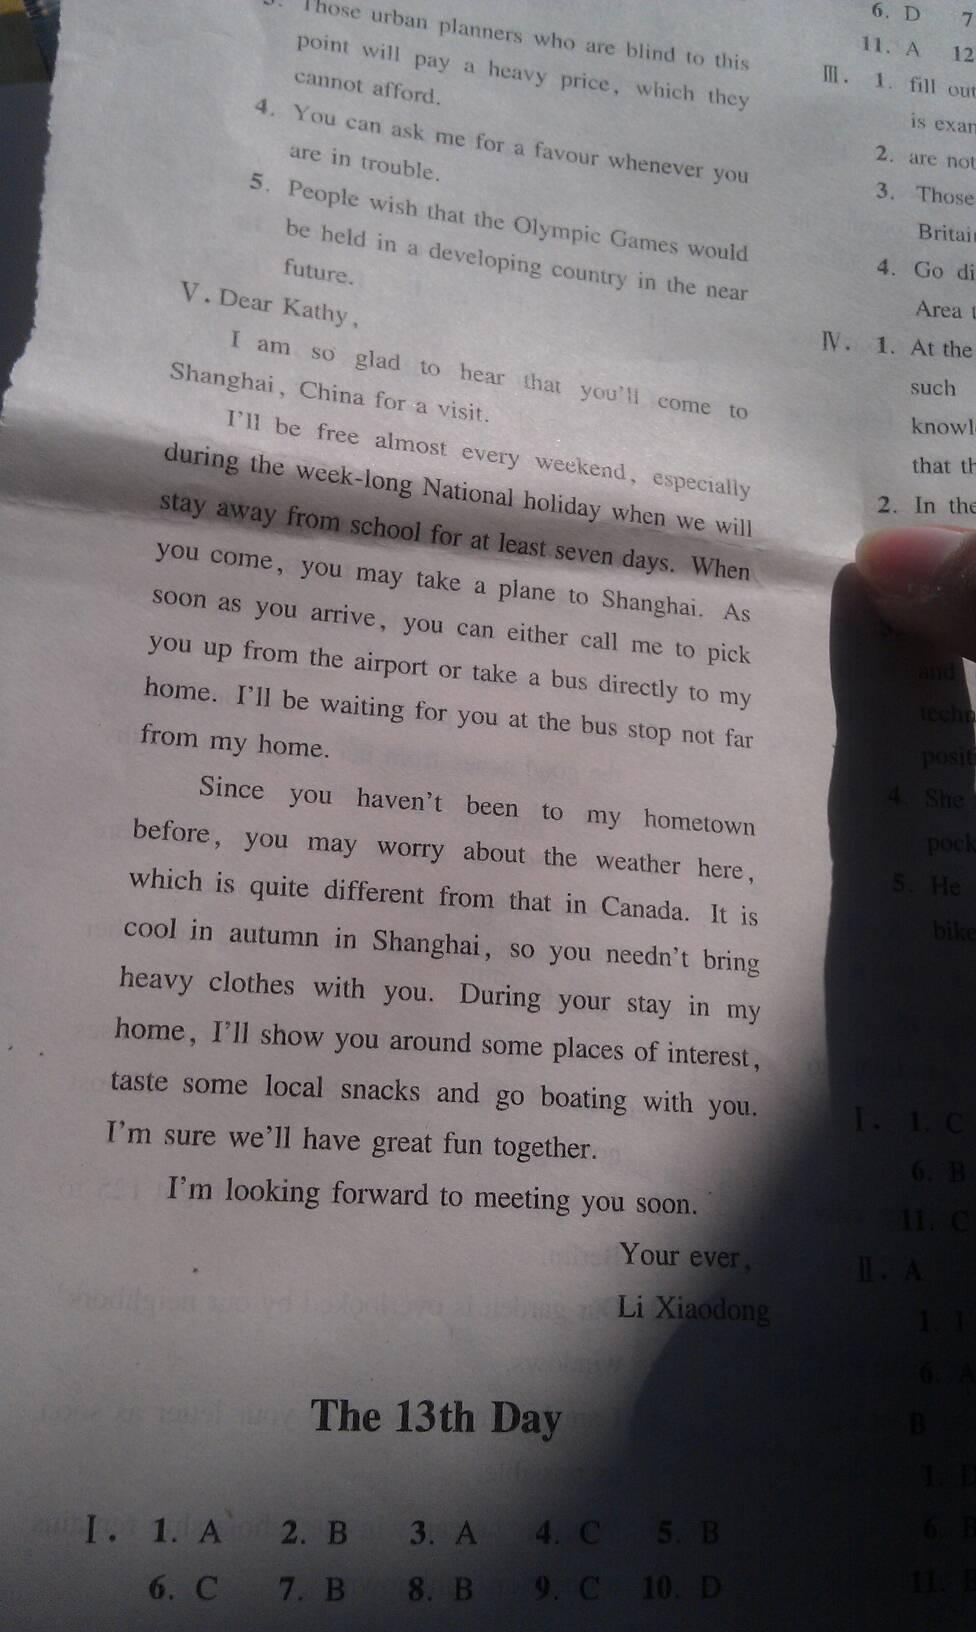 求一篇毕业成都高中的英语作文,四百字以上诗句感言景点介绍图片